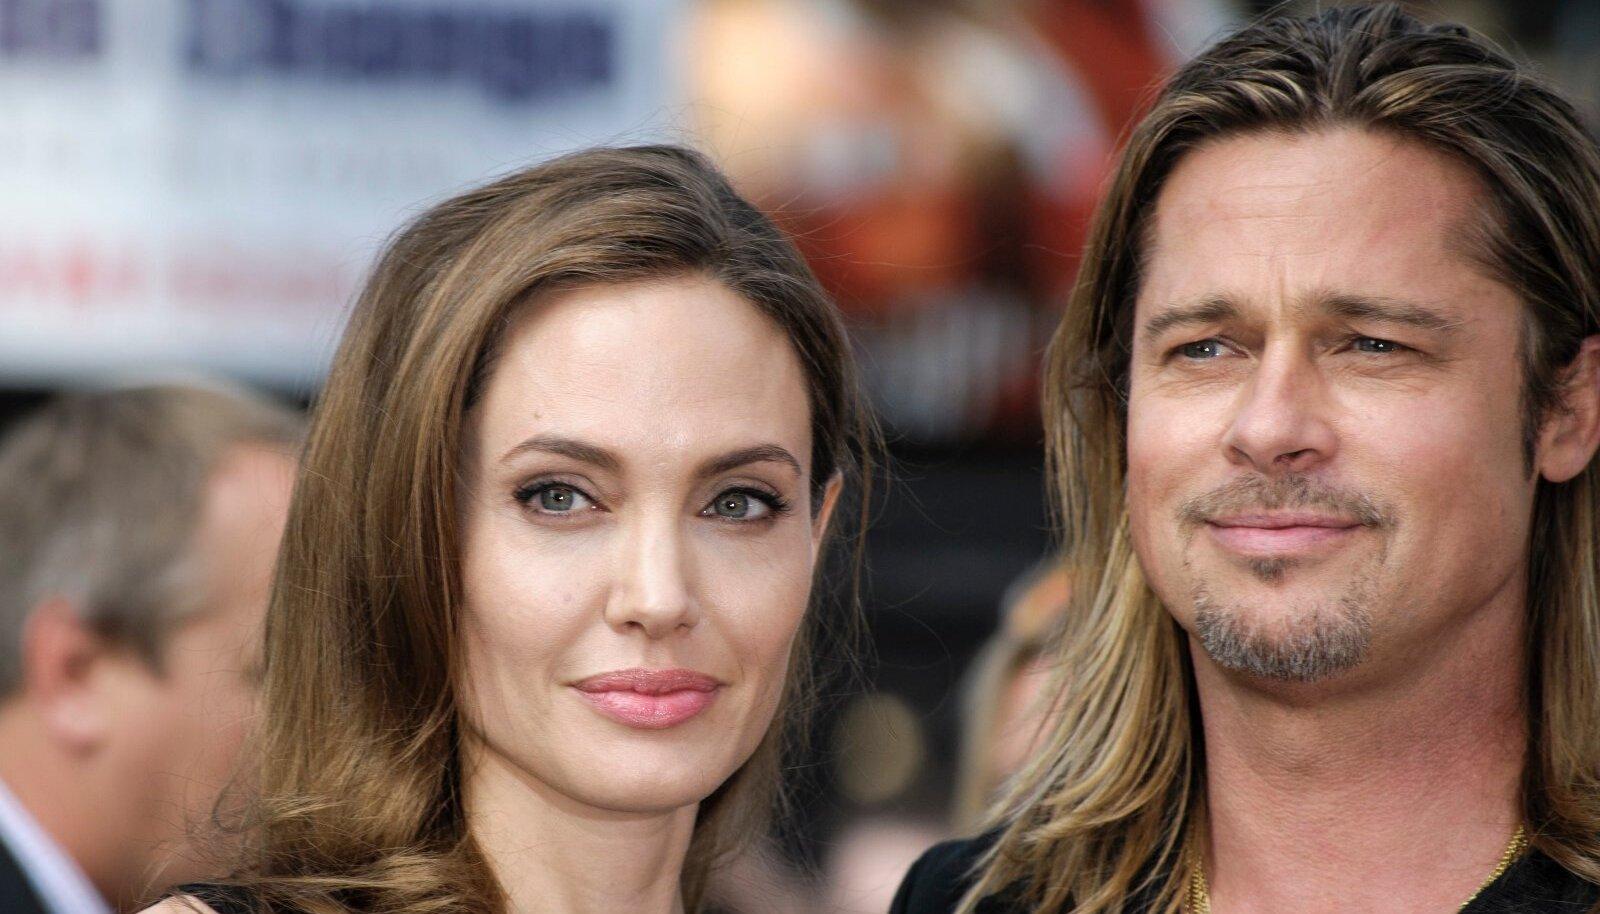 ARMASTUSEST SAI VIHKAMINE Angelina ja Brad peavad miljoneid dollareid neelavat kodusõda.